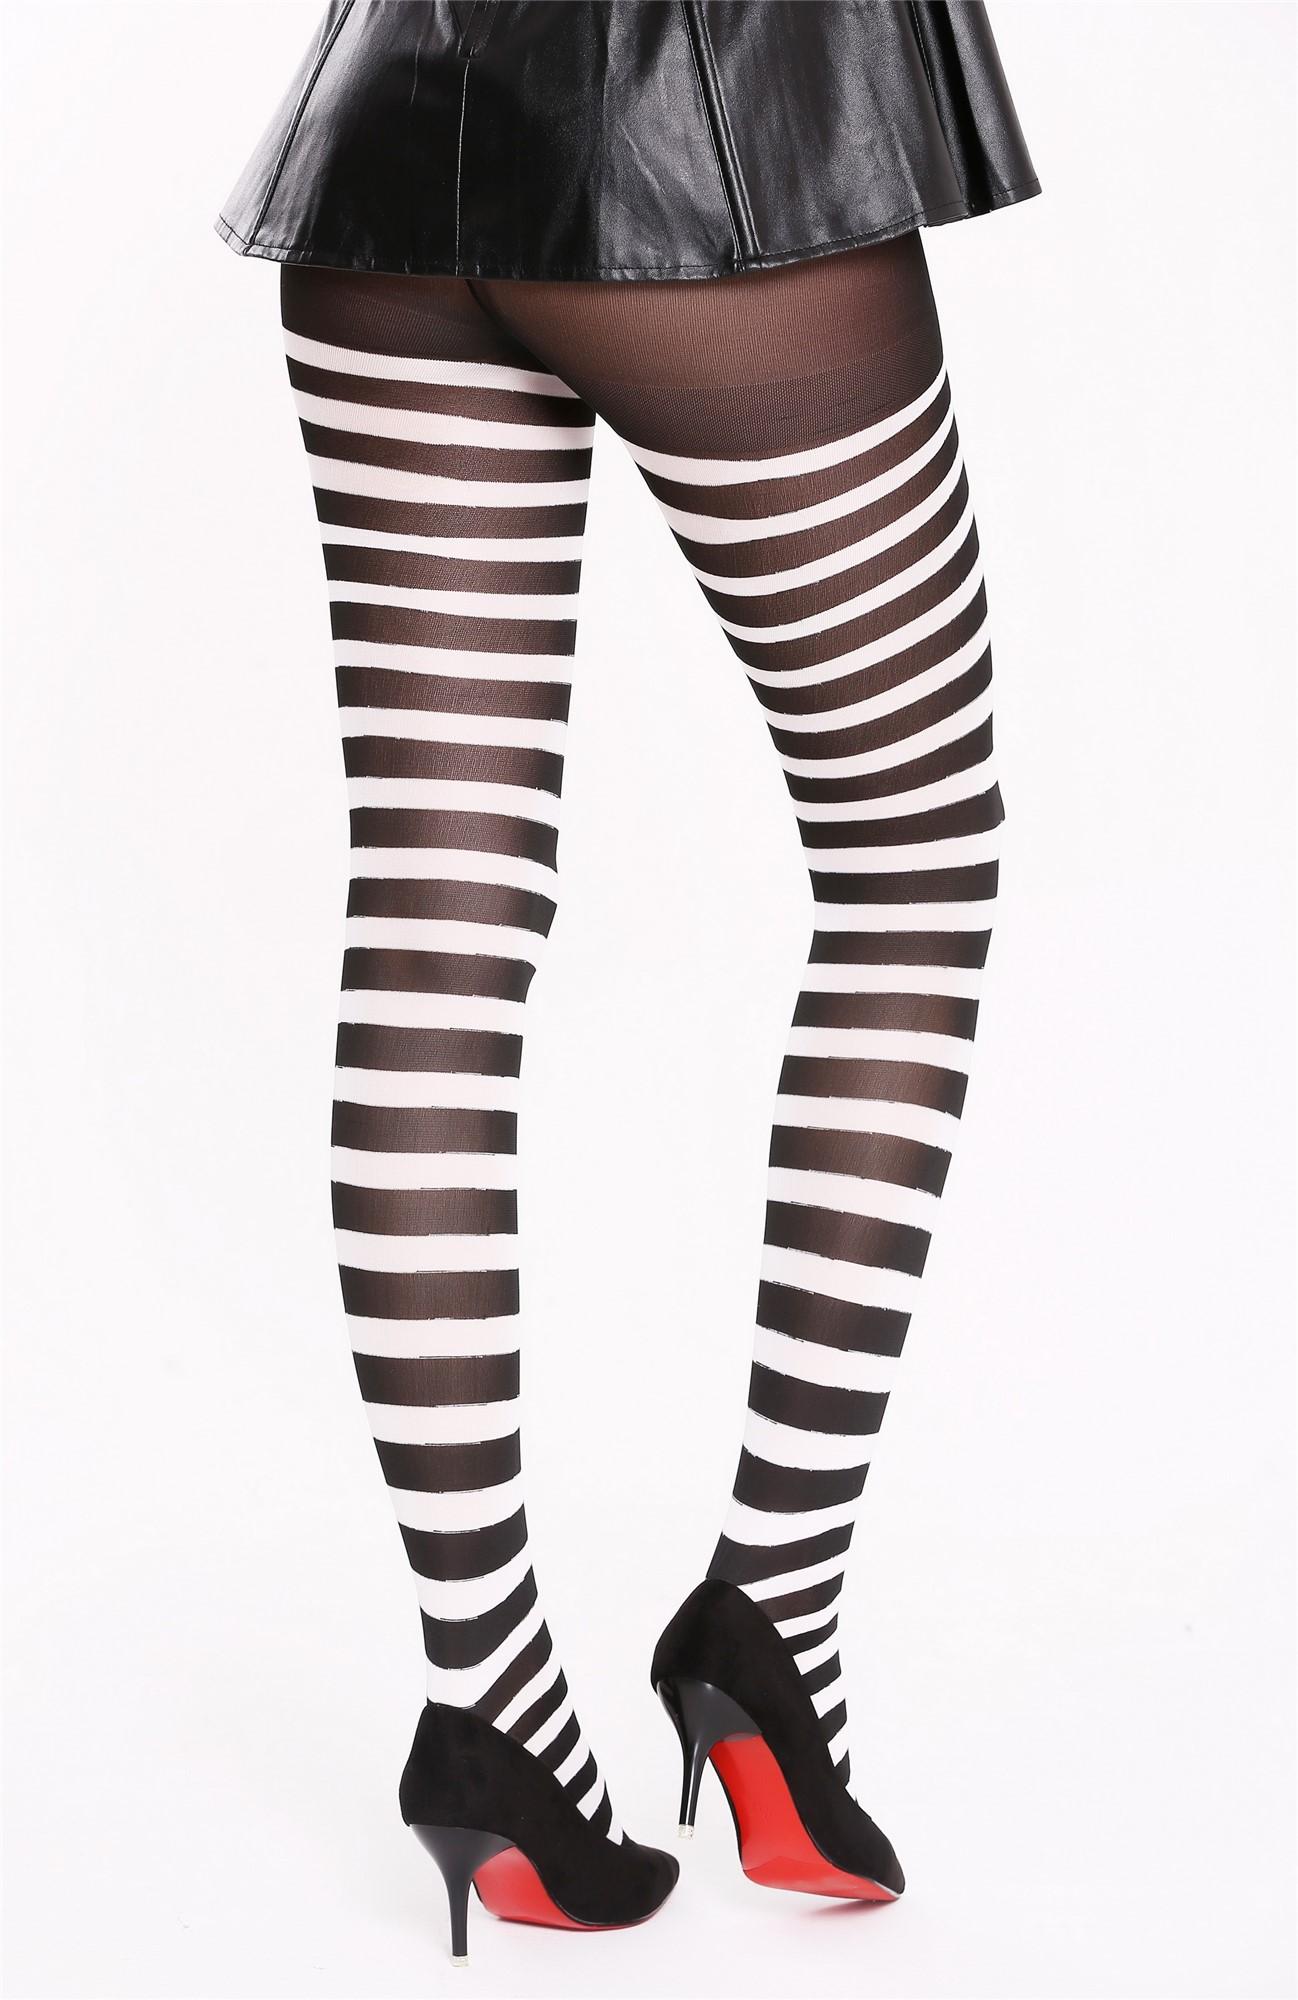 Schwarze Strumpfhose mit weißen Streifen Modell: BB ...